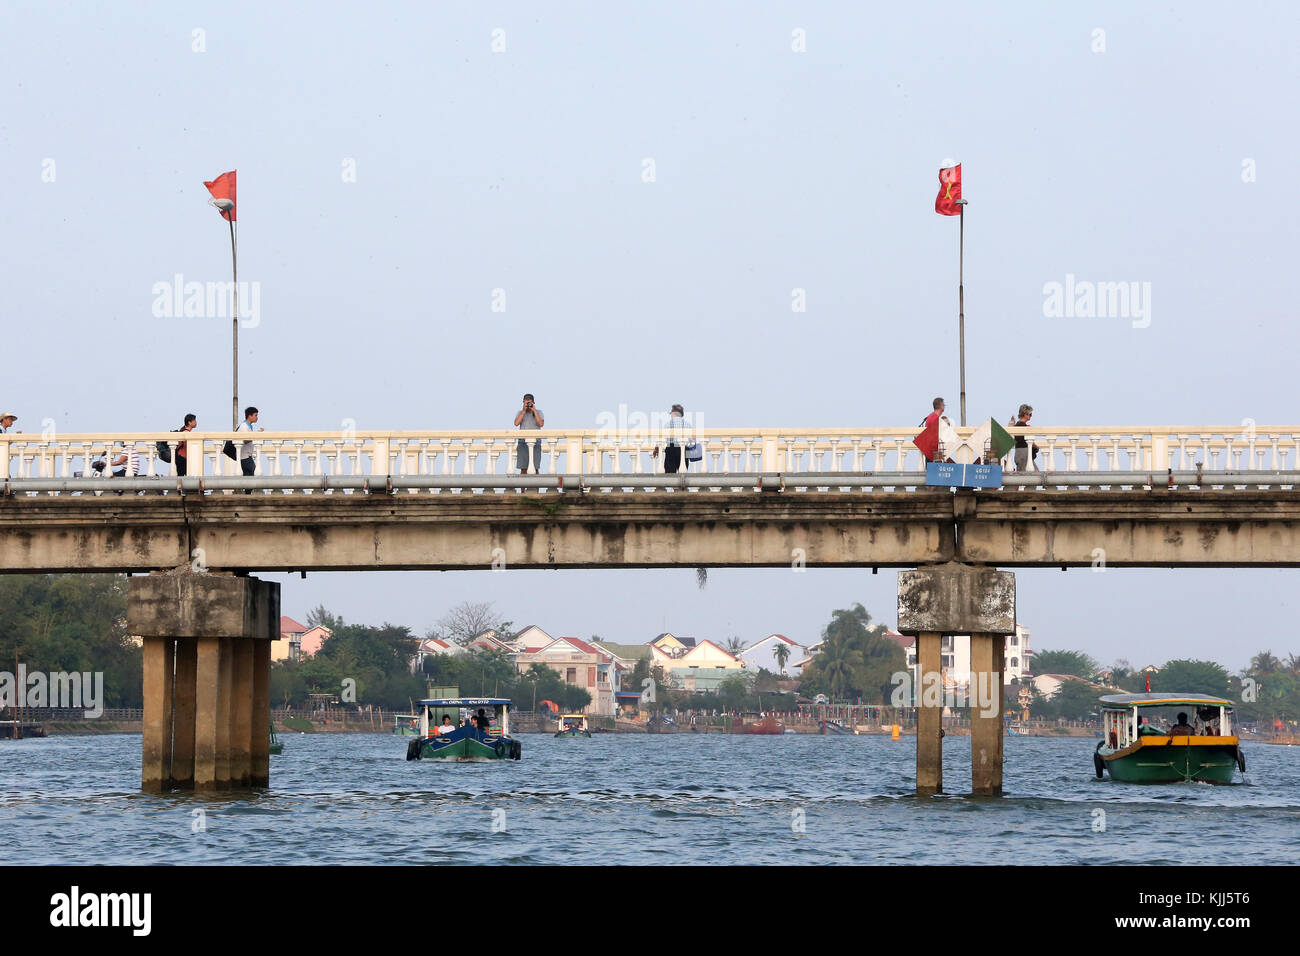 La rivière Thu Bon. Pont. Hoi An. Le Vietnam. Photo Stock